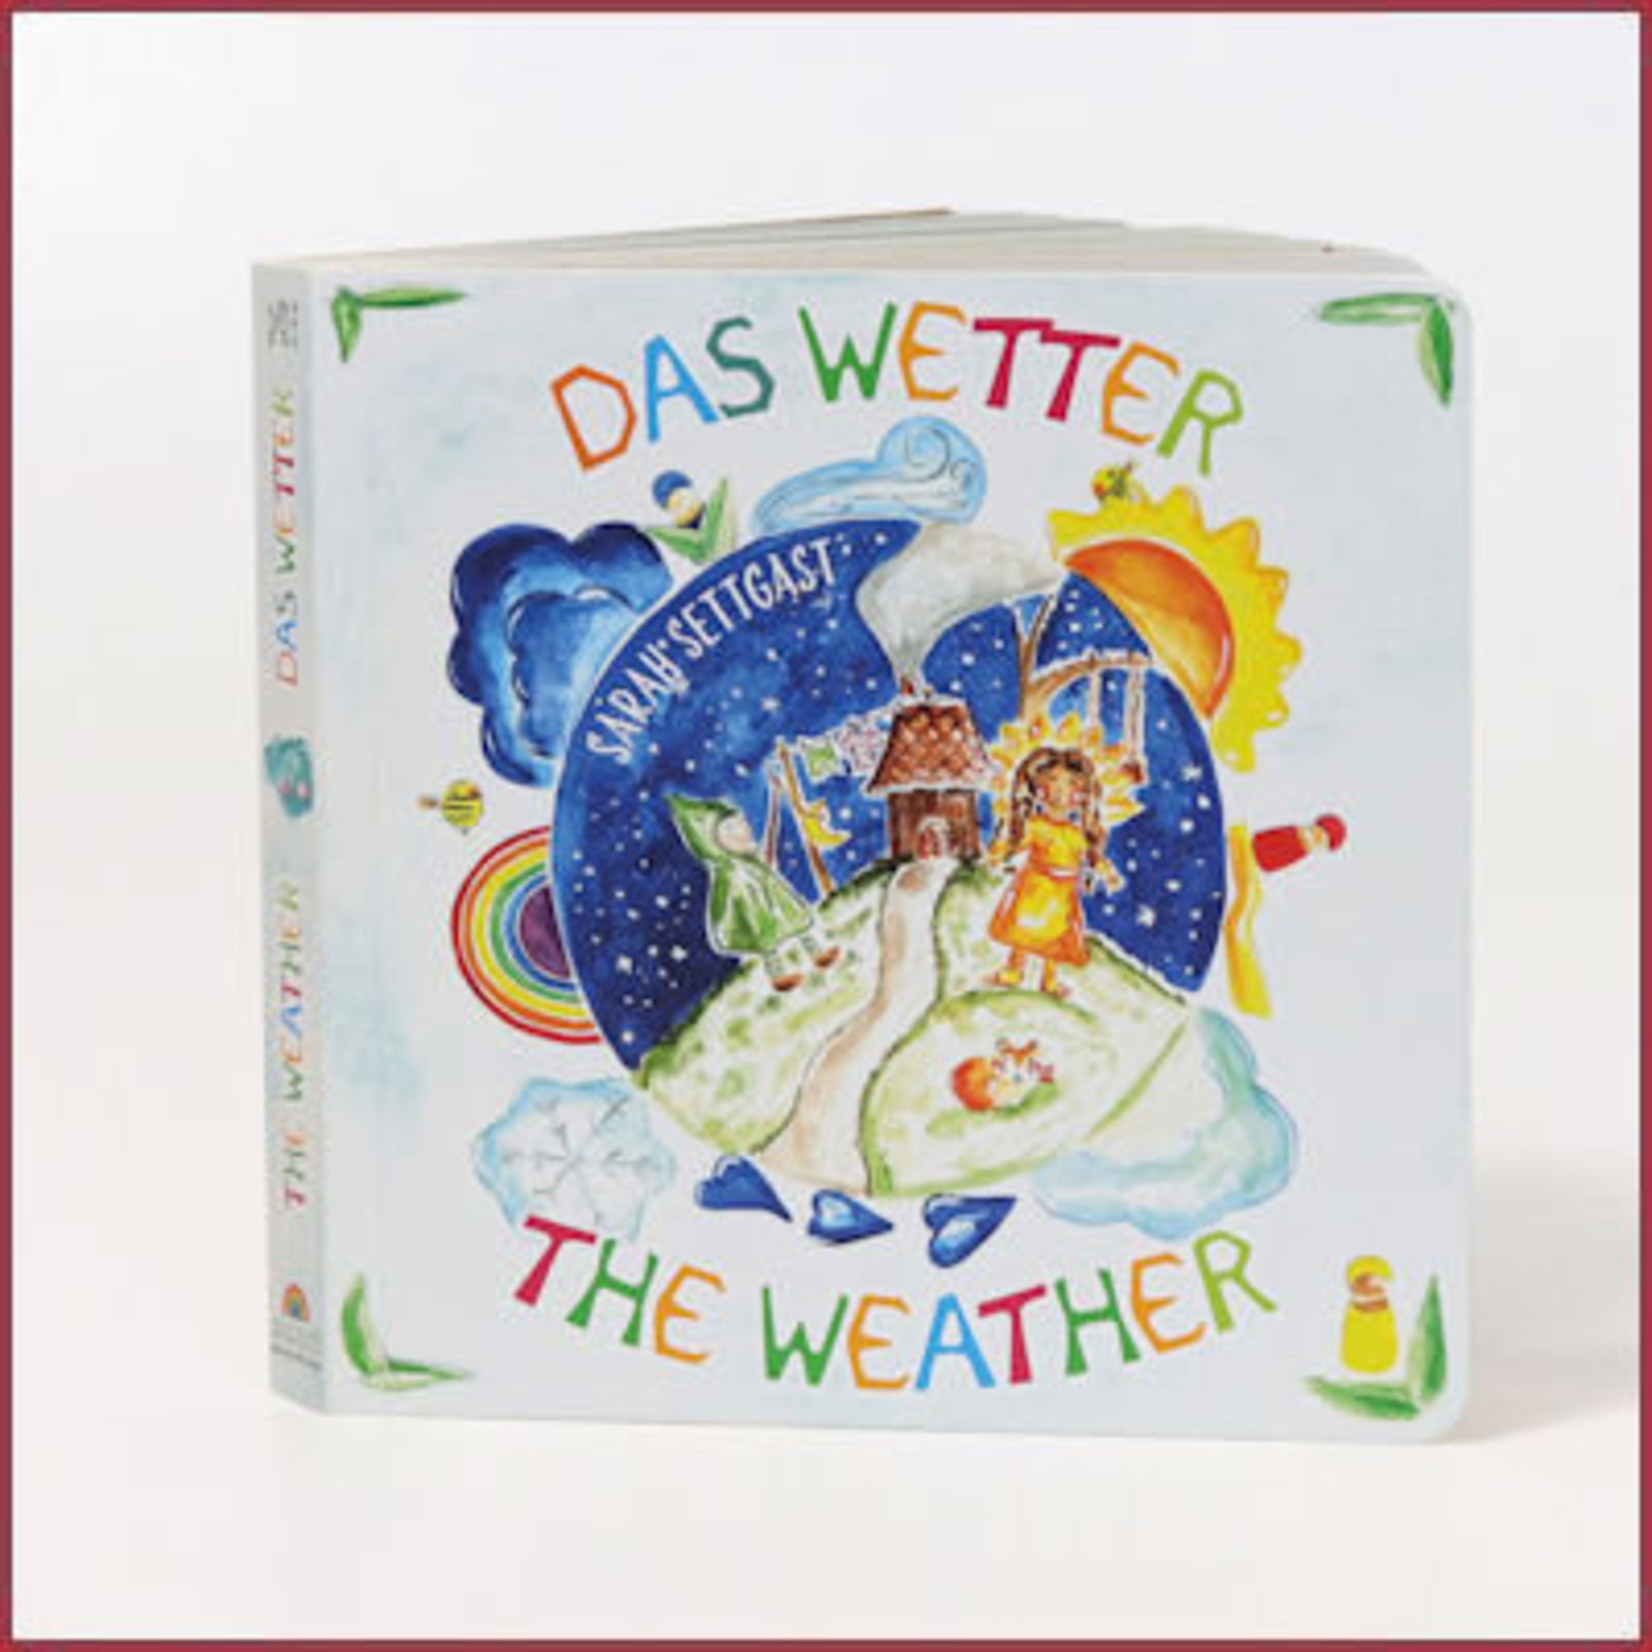 Grimm's Kartonboek Het weer, The Weather, Das Wetter